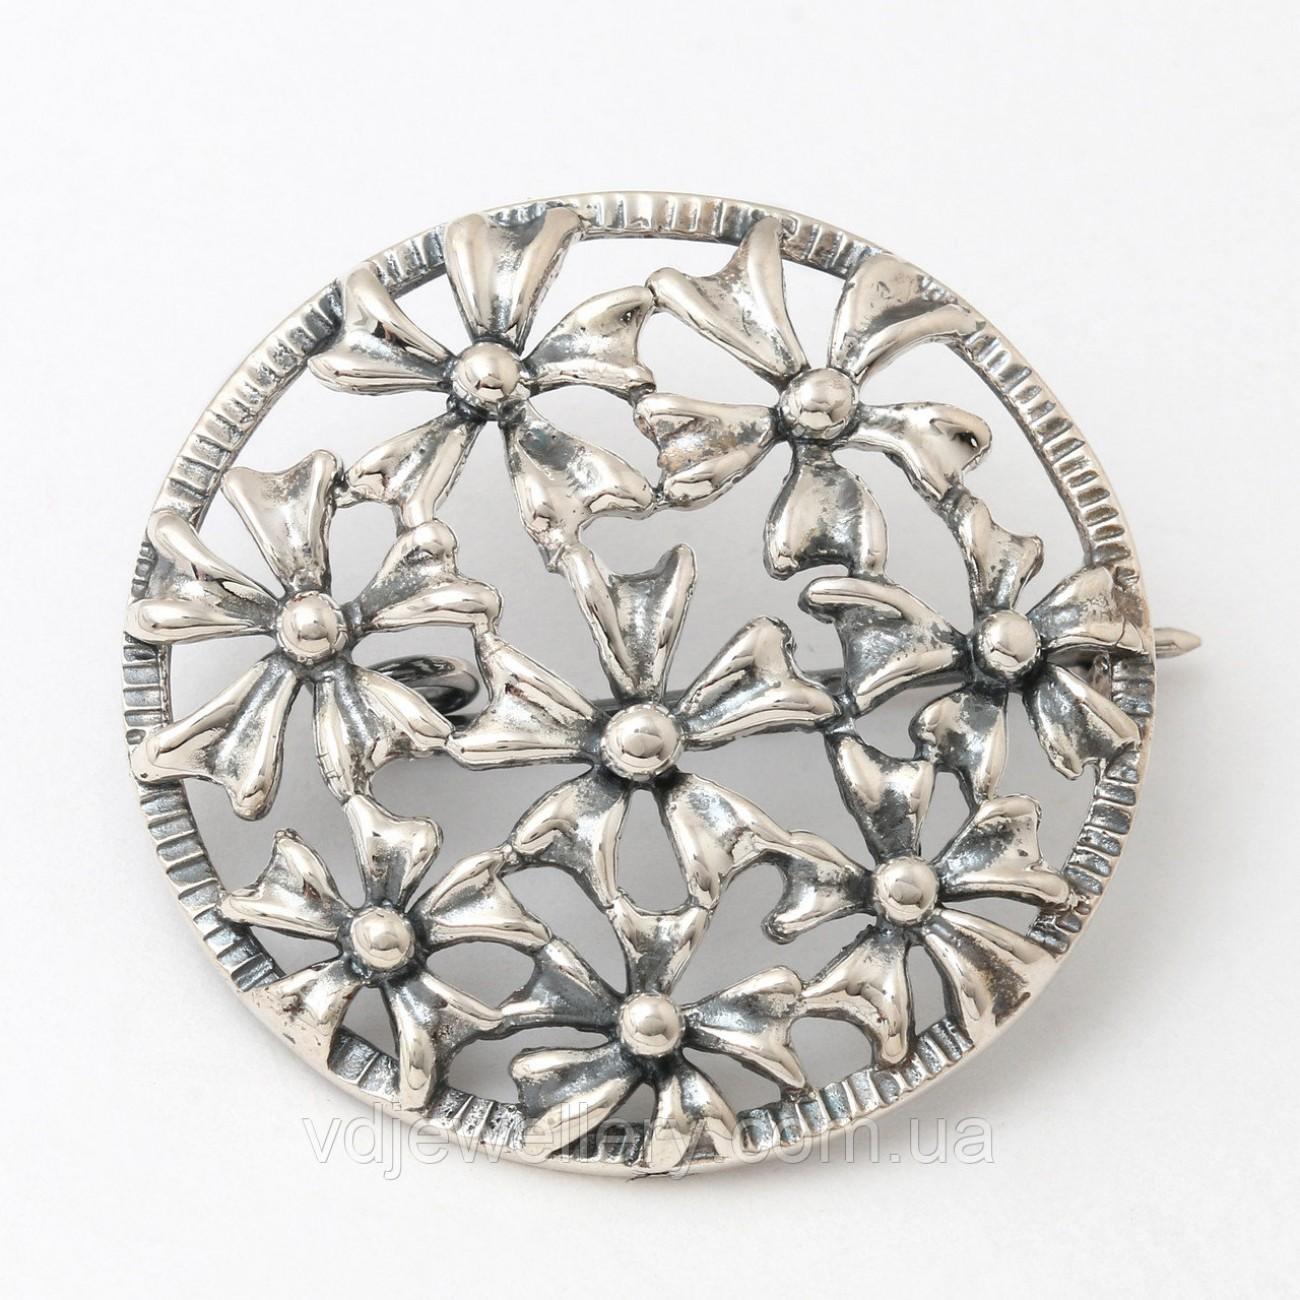 Серебряная брошка 6100040